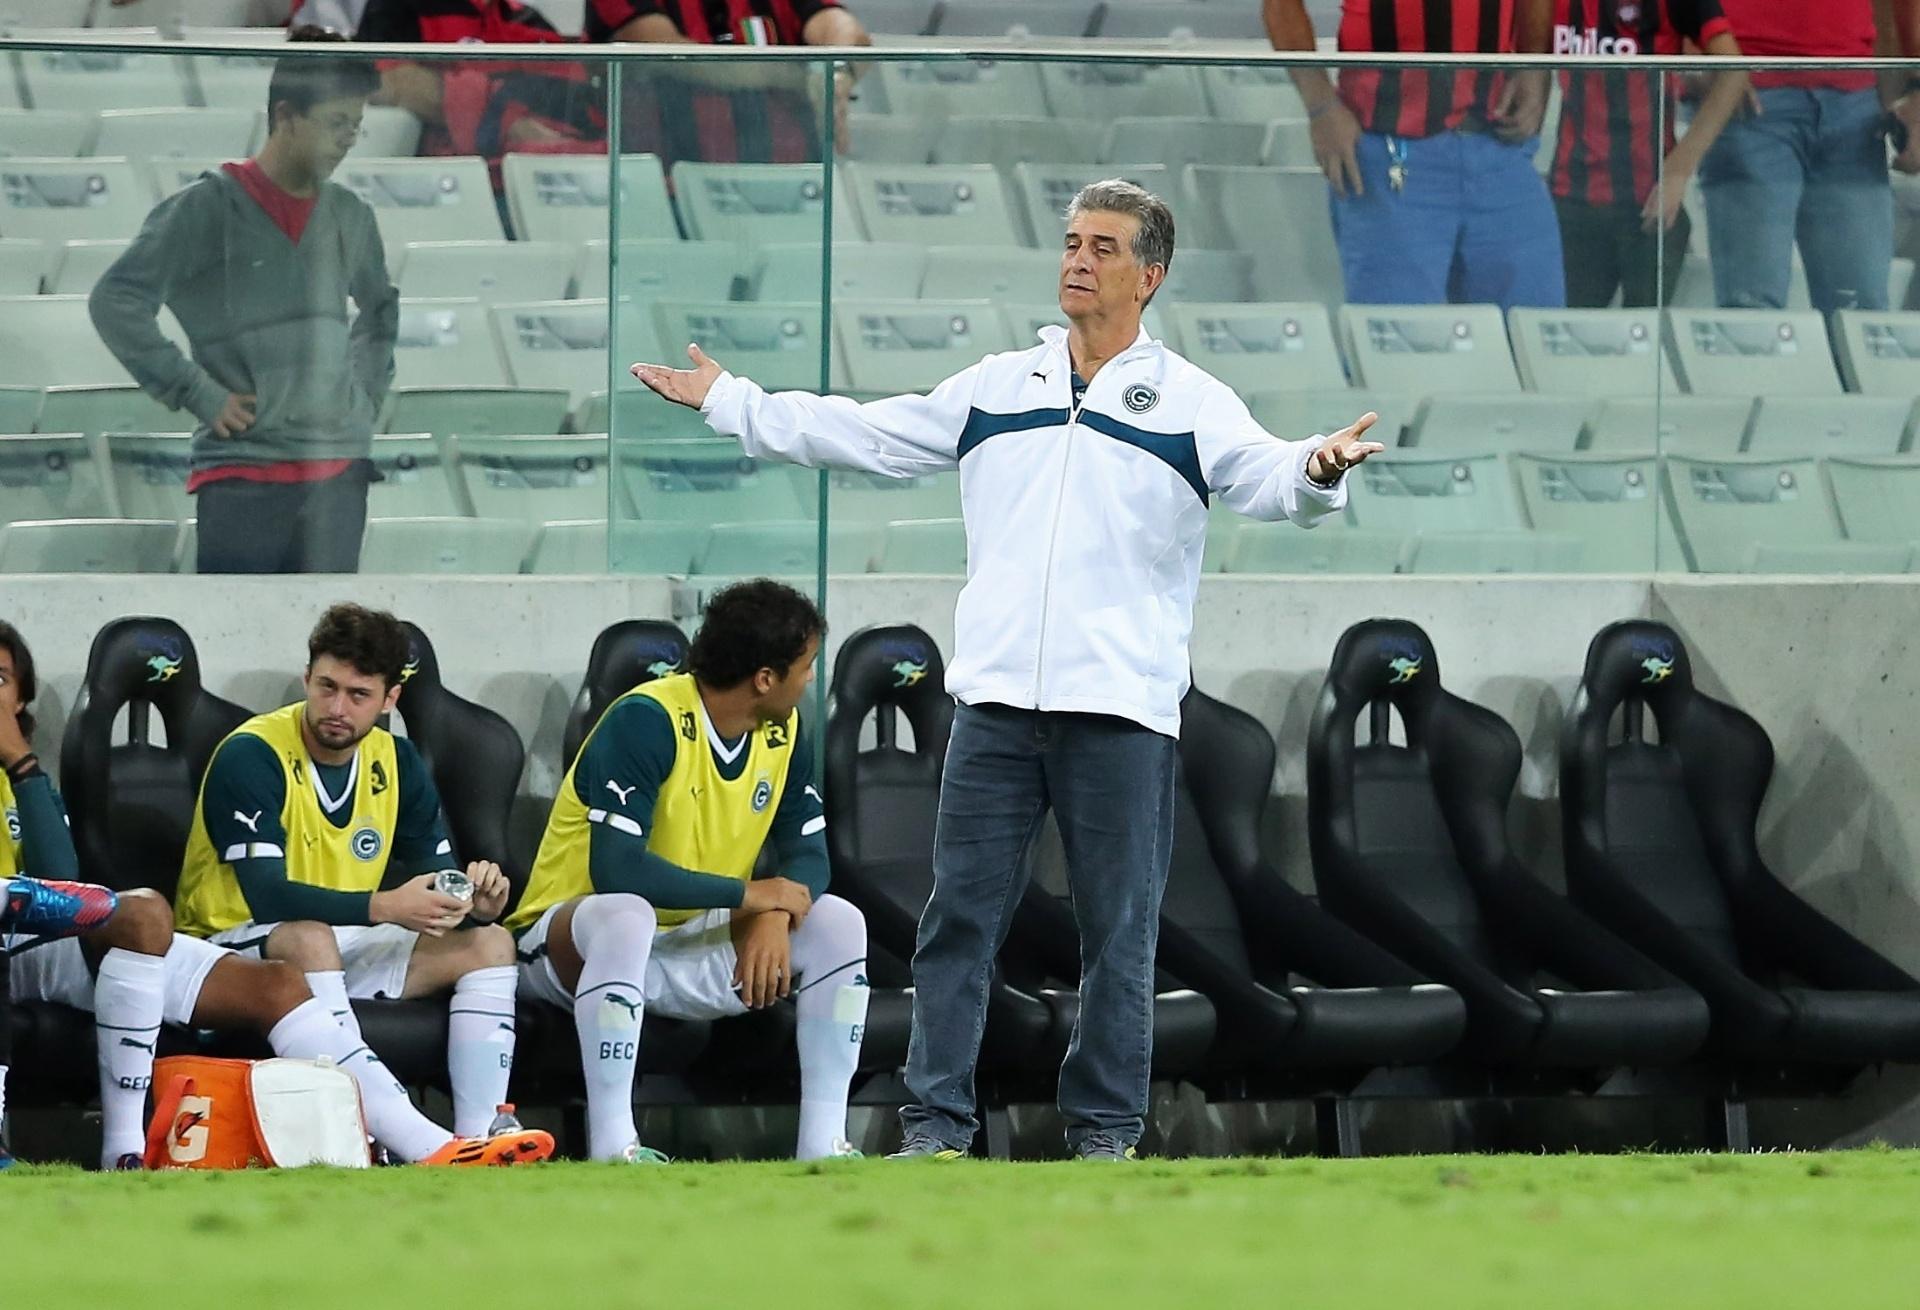 5cc27d3bc5c8b Vitória apresenta Ricardo Drubscky como novo técnico  diretor é demitido -  15 12 2014 - UOL Esporte